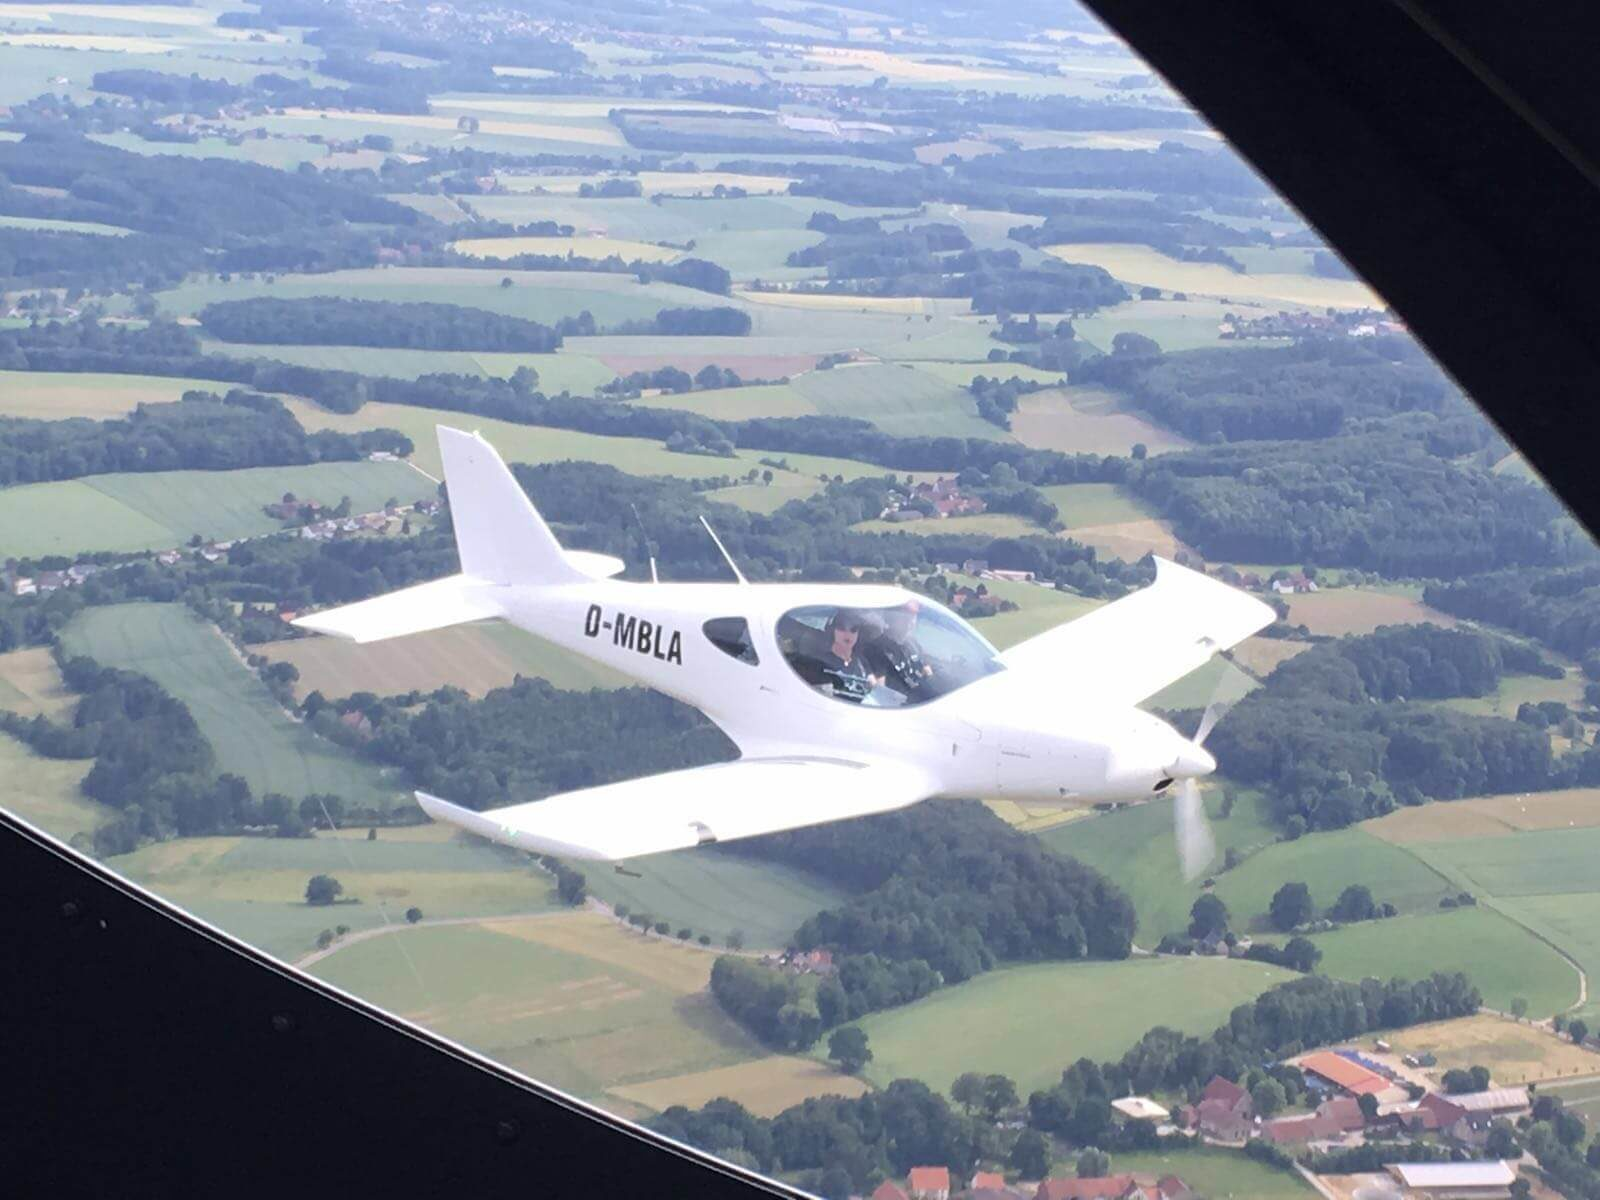 Rundflug über das Emsland und Ostfriesland